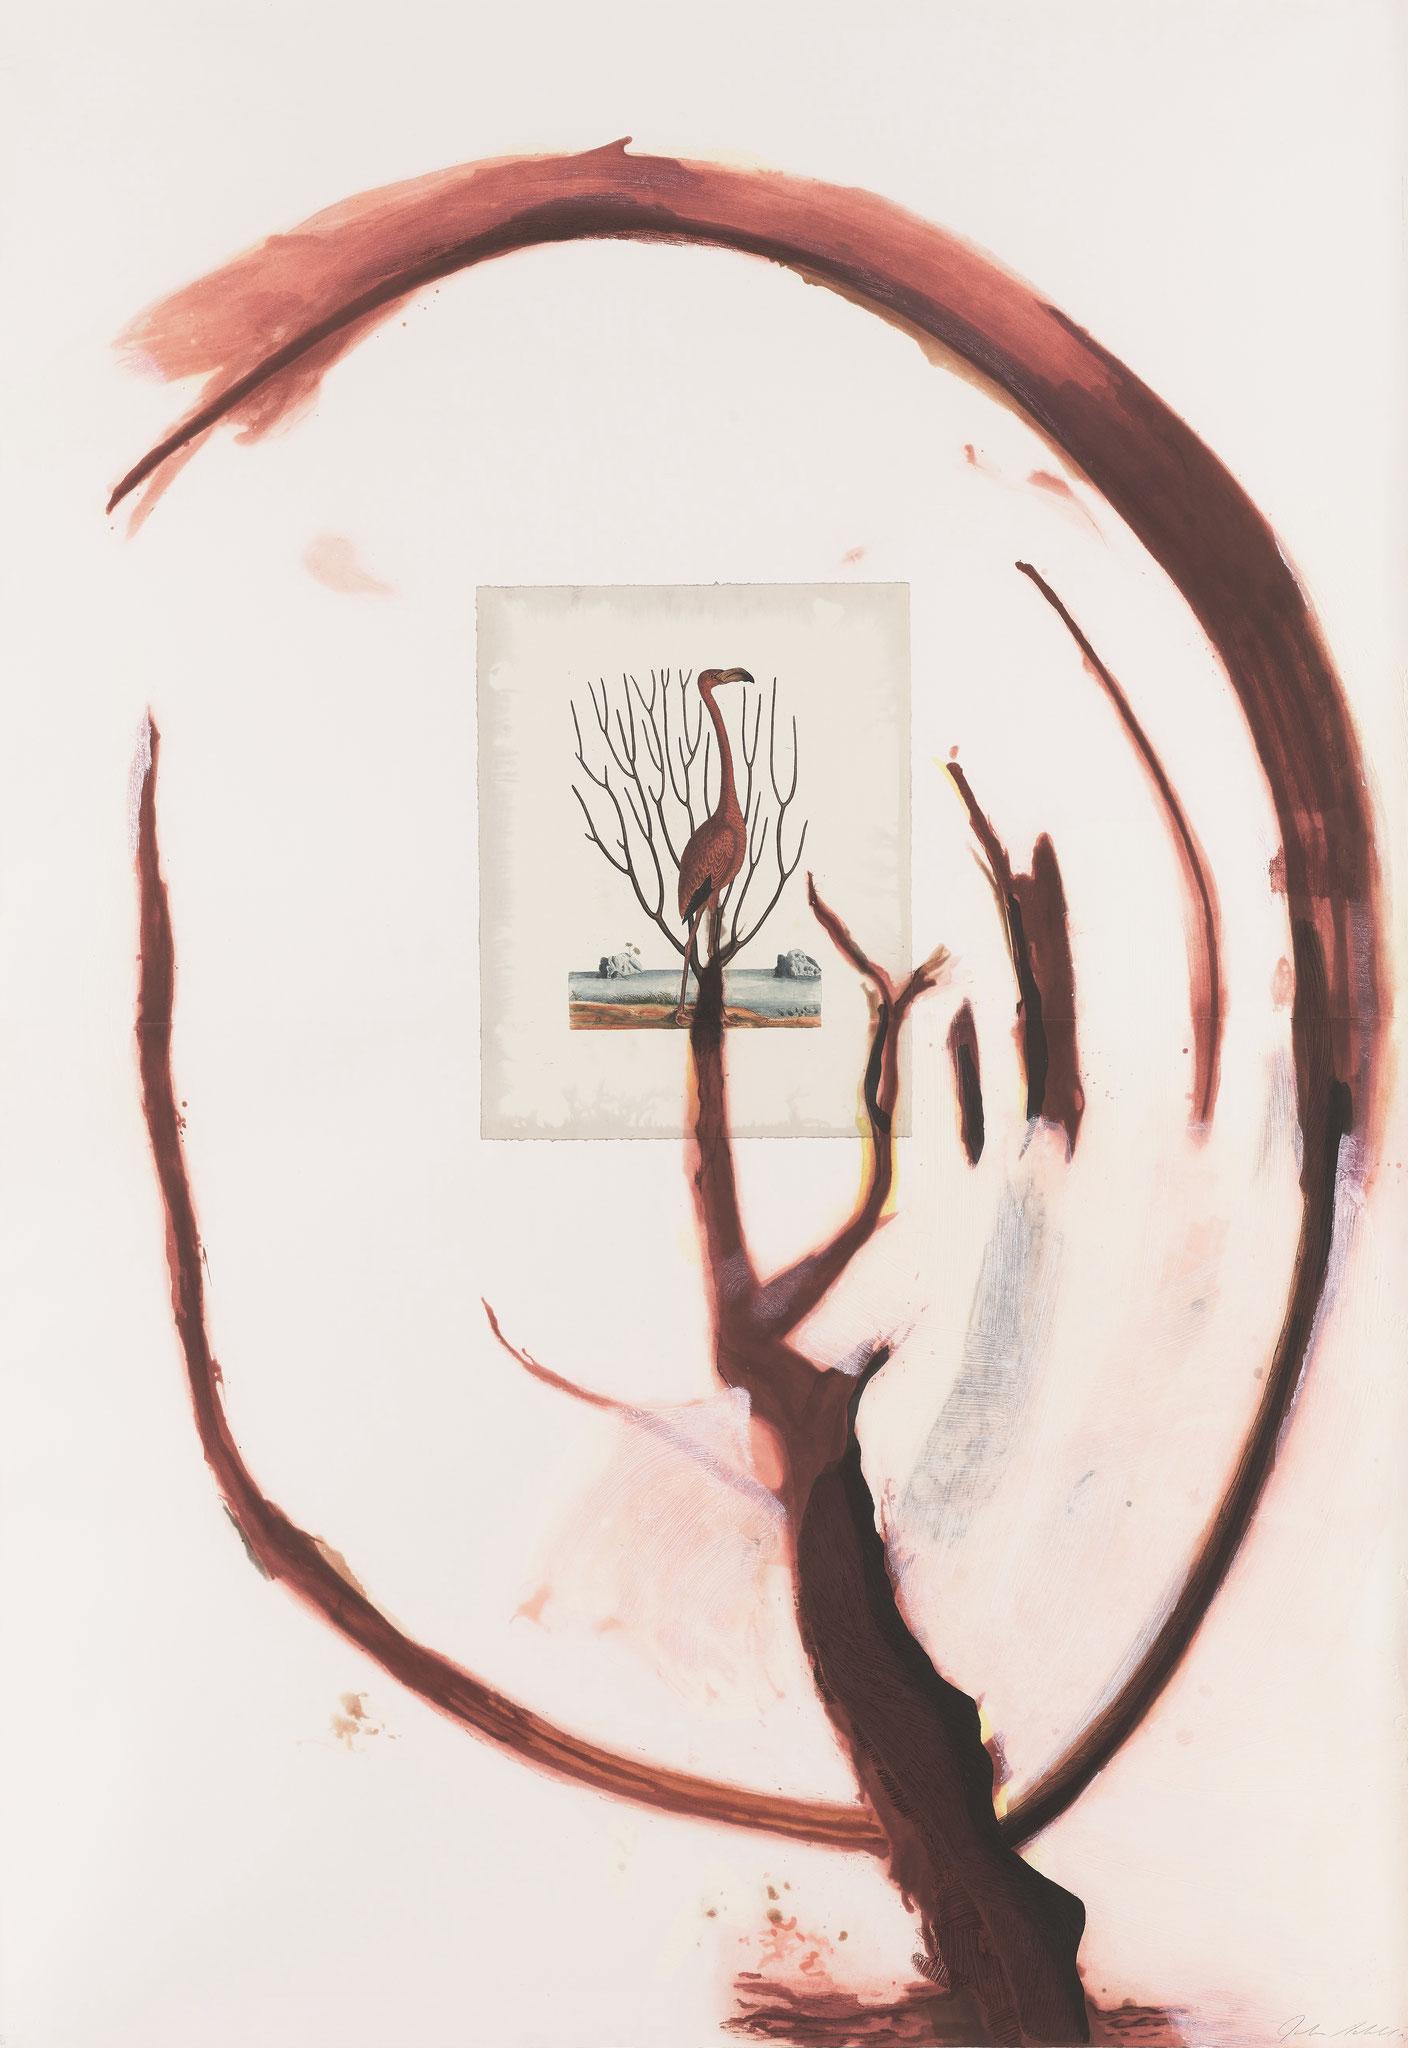 Flamingo I, 1991, Aquatinta-Radierung auf Collage und Hadernpapier gedruckt, Format: 137.2 x 198.1 cm, Auflage: 48 + AP, signiert und nummeriert